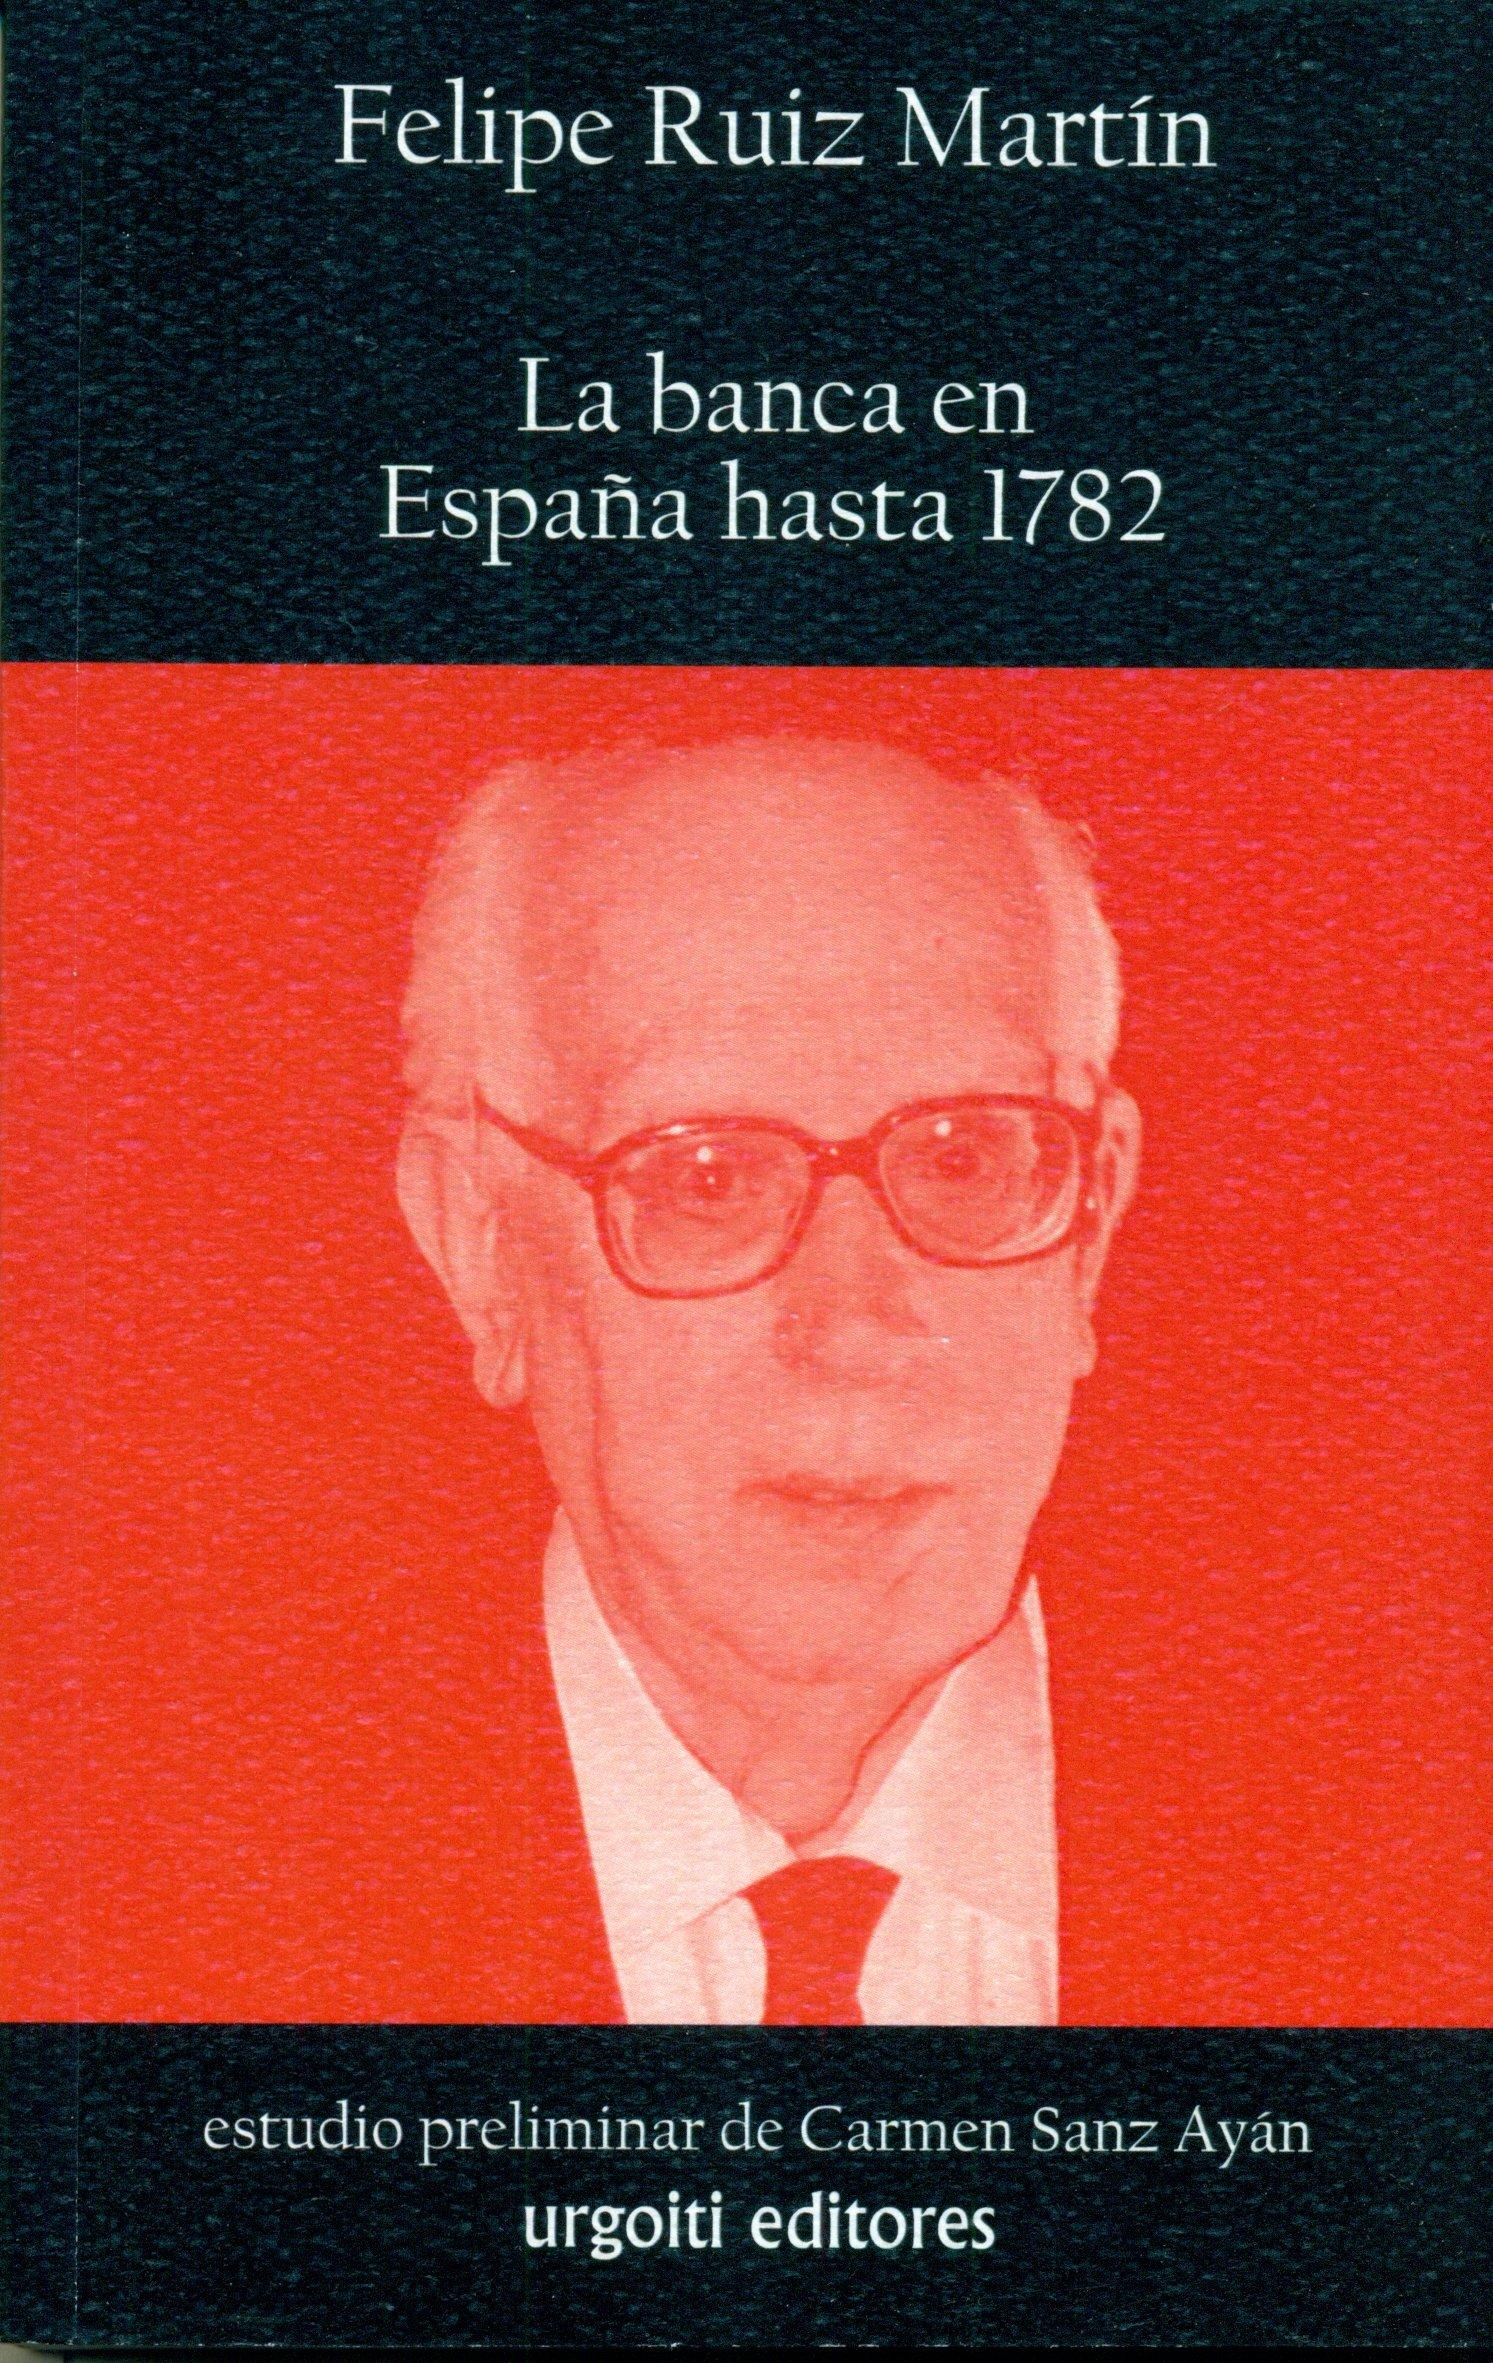 La banca en España hasta 1782 (Historiadores): Amazon.es: Ruiz Martín, Felipe, Sanz Ayán, Carmen: Libros